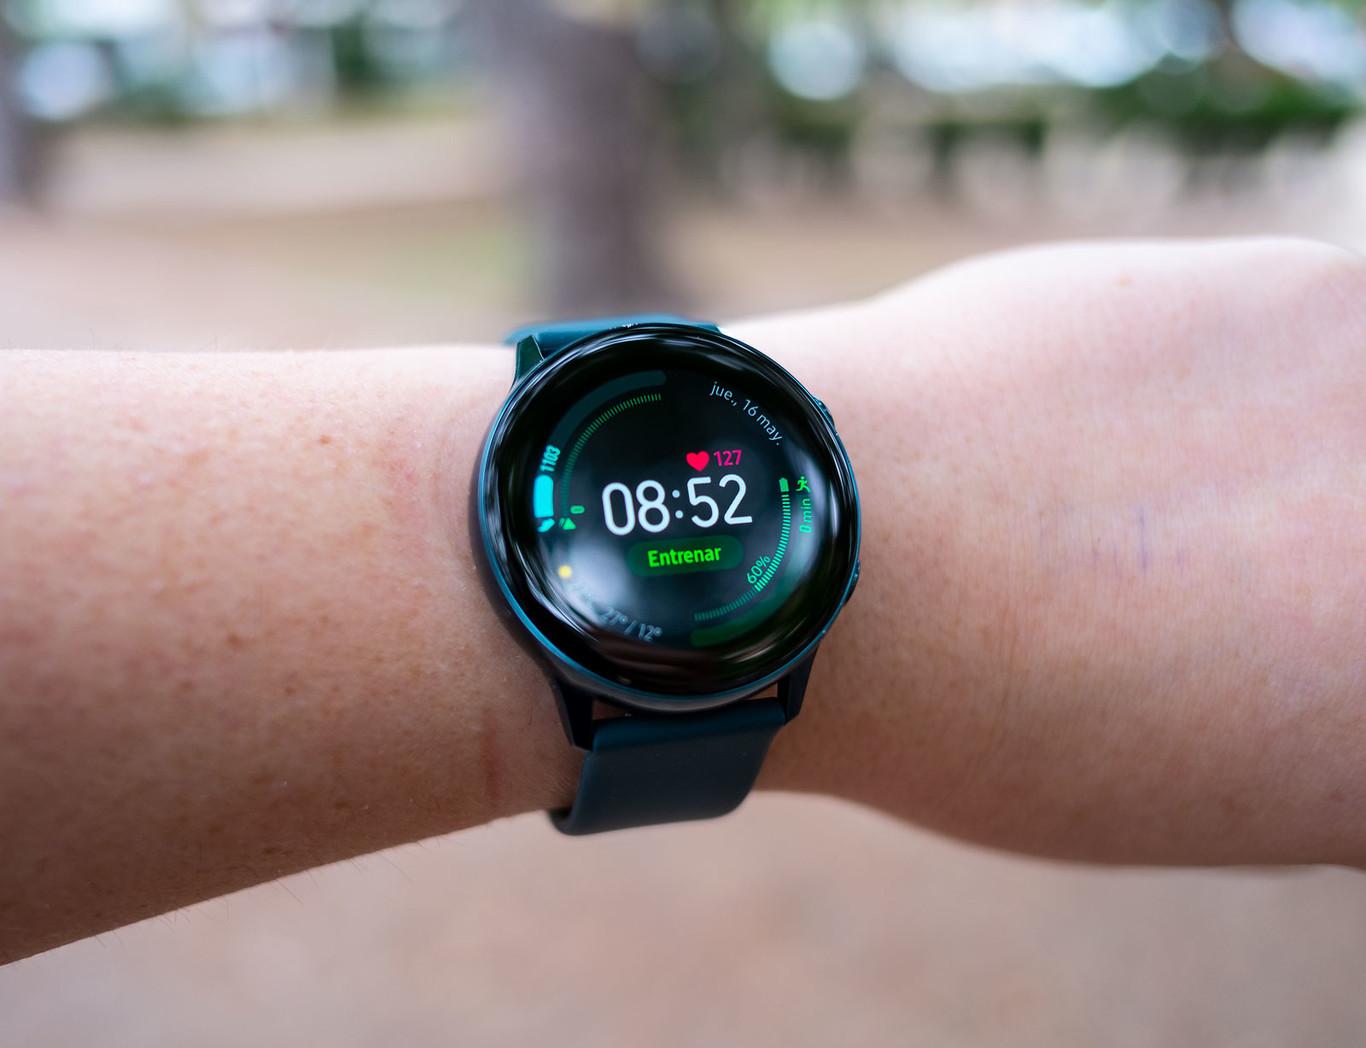 Samsung Galaxy Watch Active, análisis: al smartwatch de Samsung le ha sentado muy bien hacerse deportista